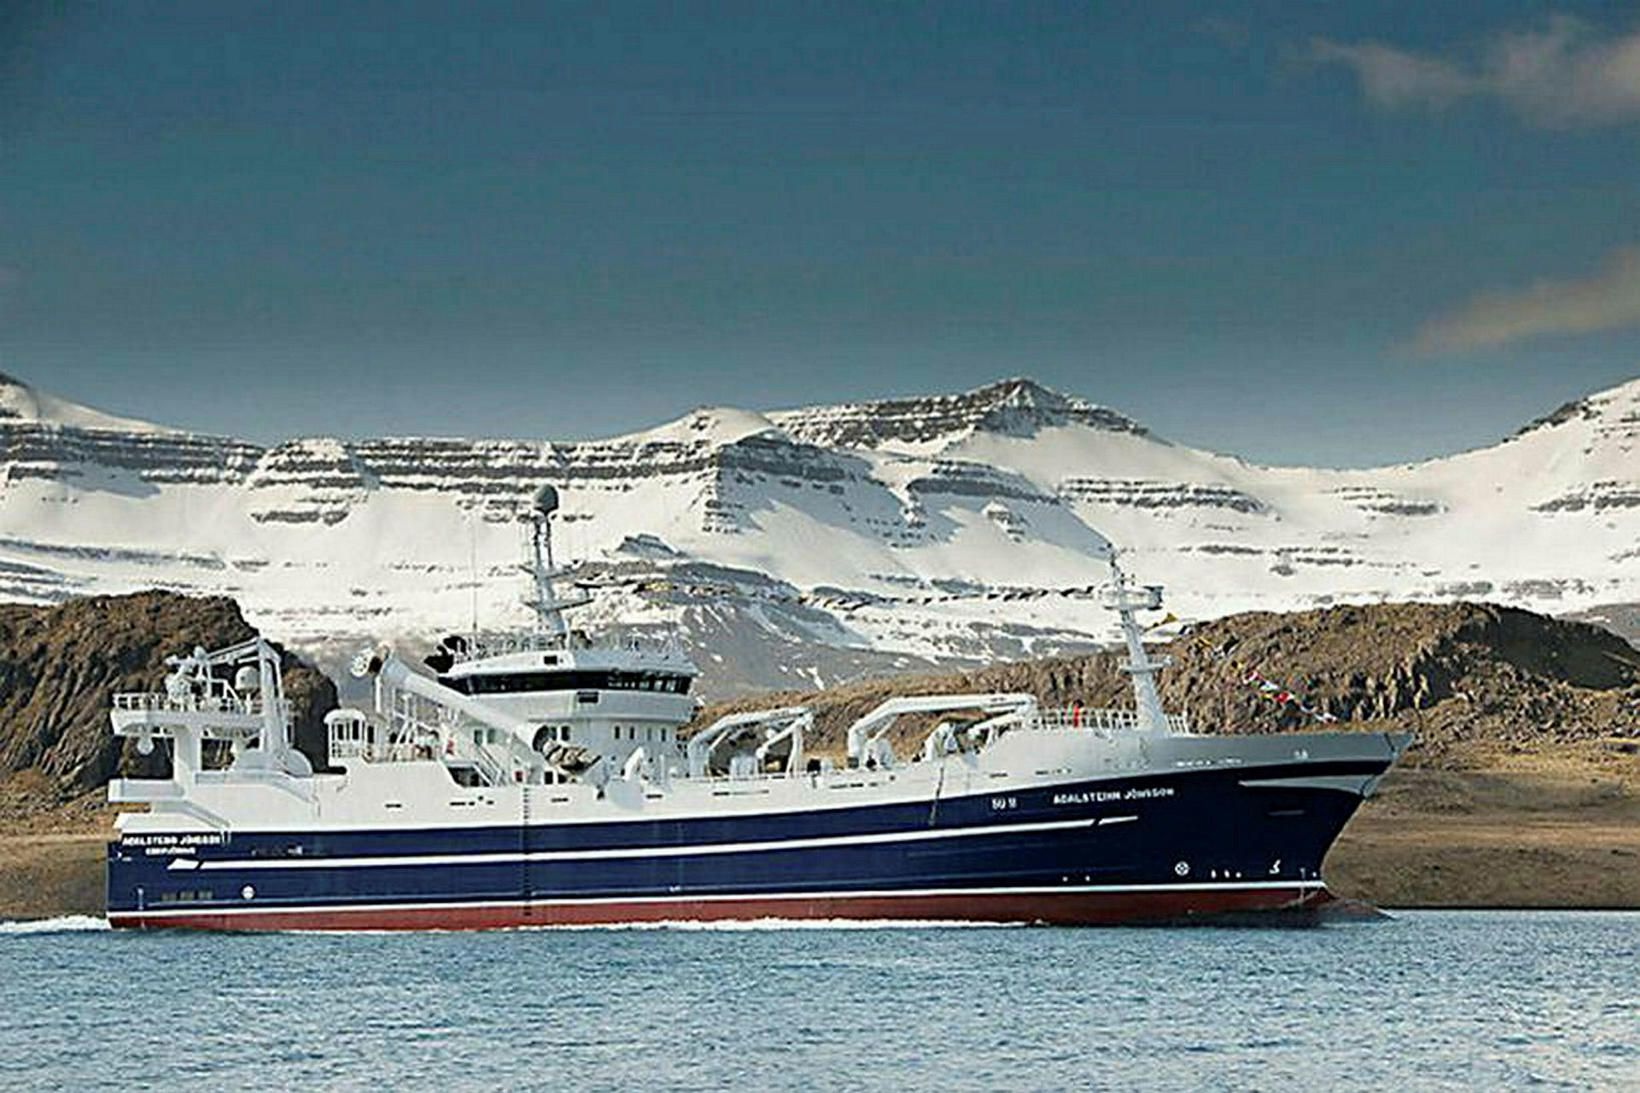 Aðalsteinn Jónsson var farsælt og fengsælt skip meðan það var …